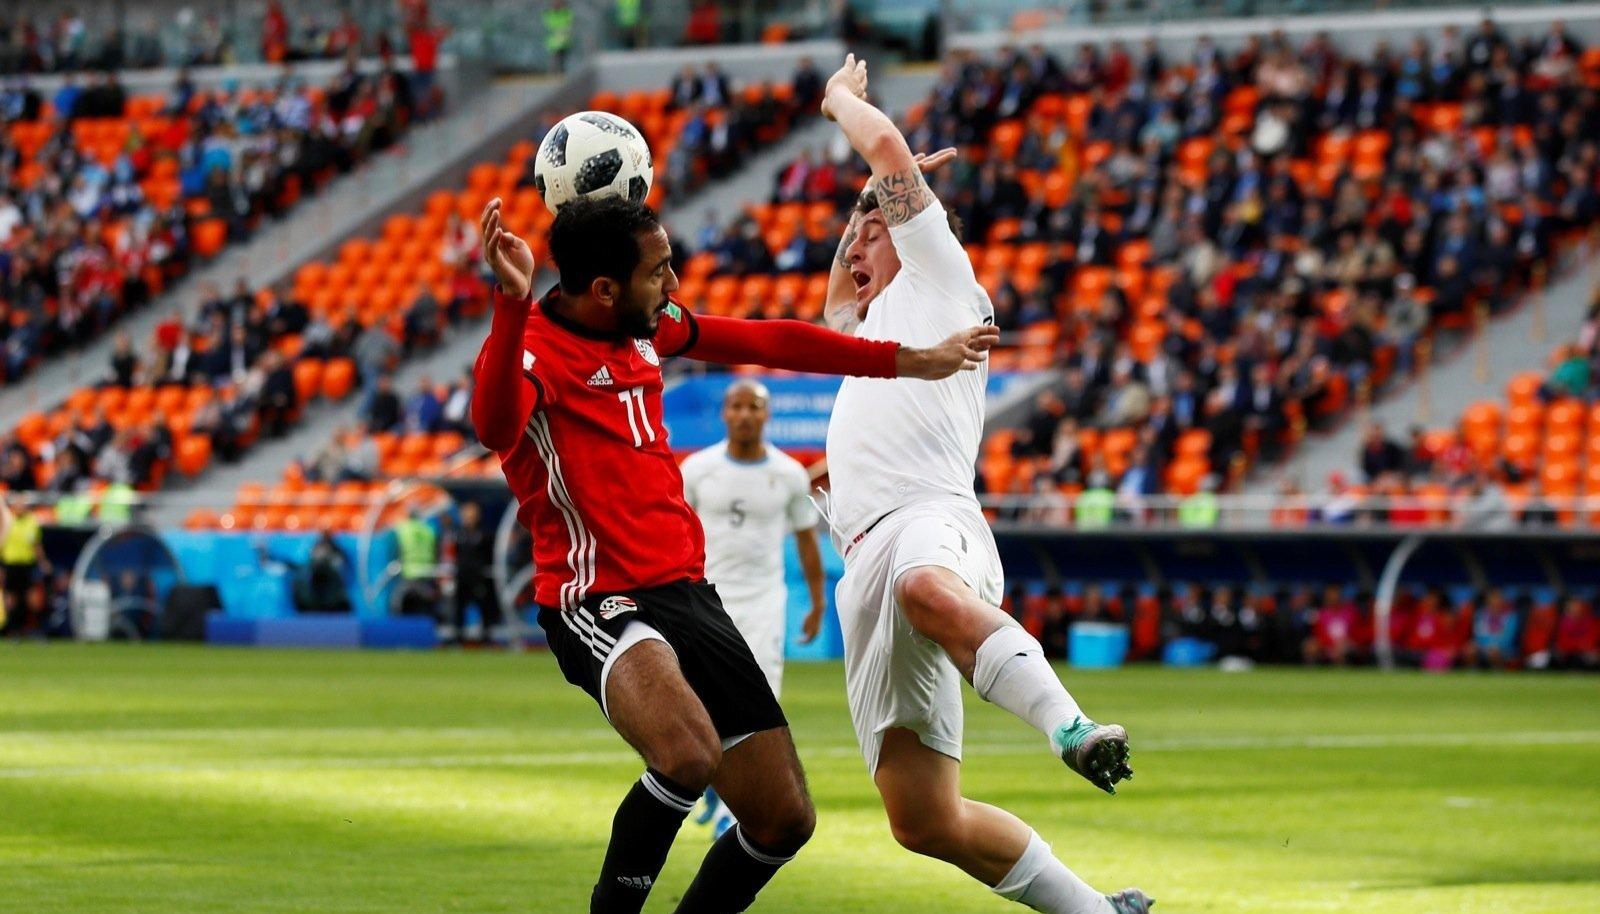 Kuhu pealtvaatajad kadusid? Egiptuse-Uruguay mänguks olid pea kõik piletid välja müüdud aga mängu ajal olid pooled istekohad tühjad.